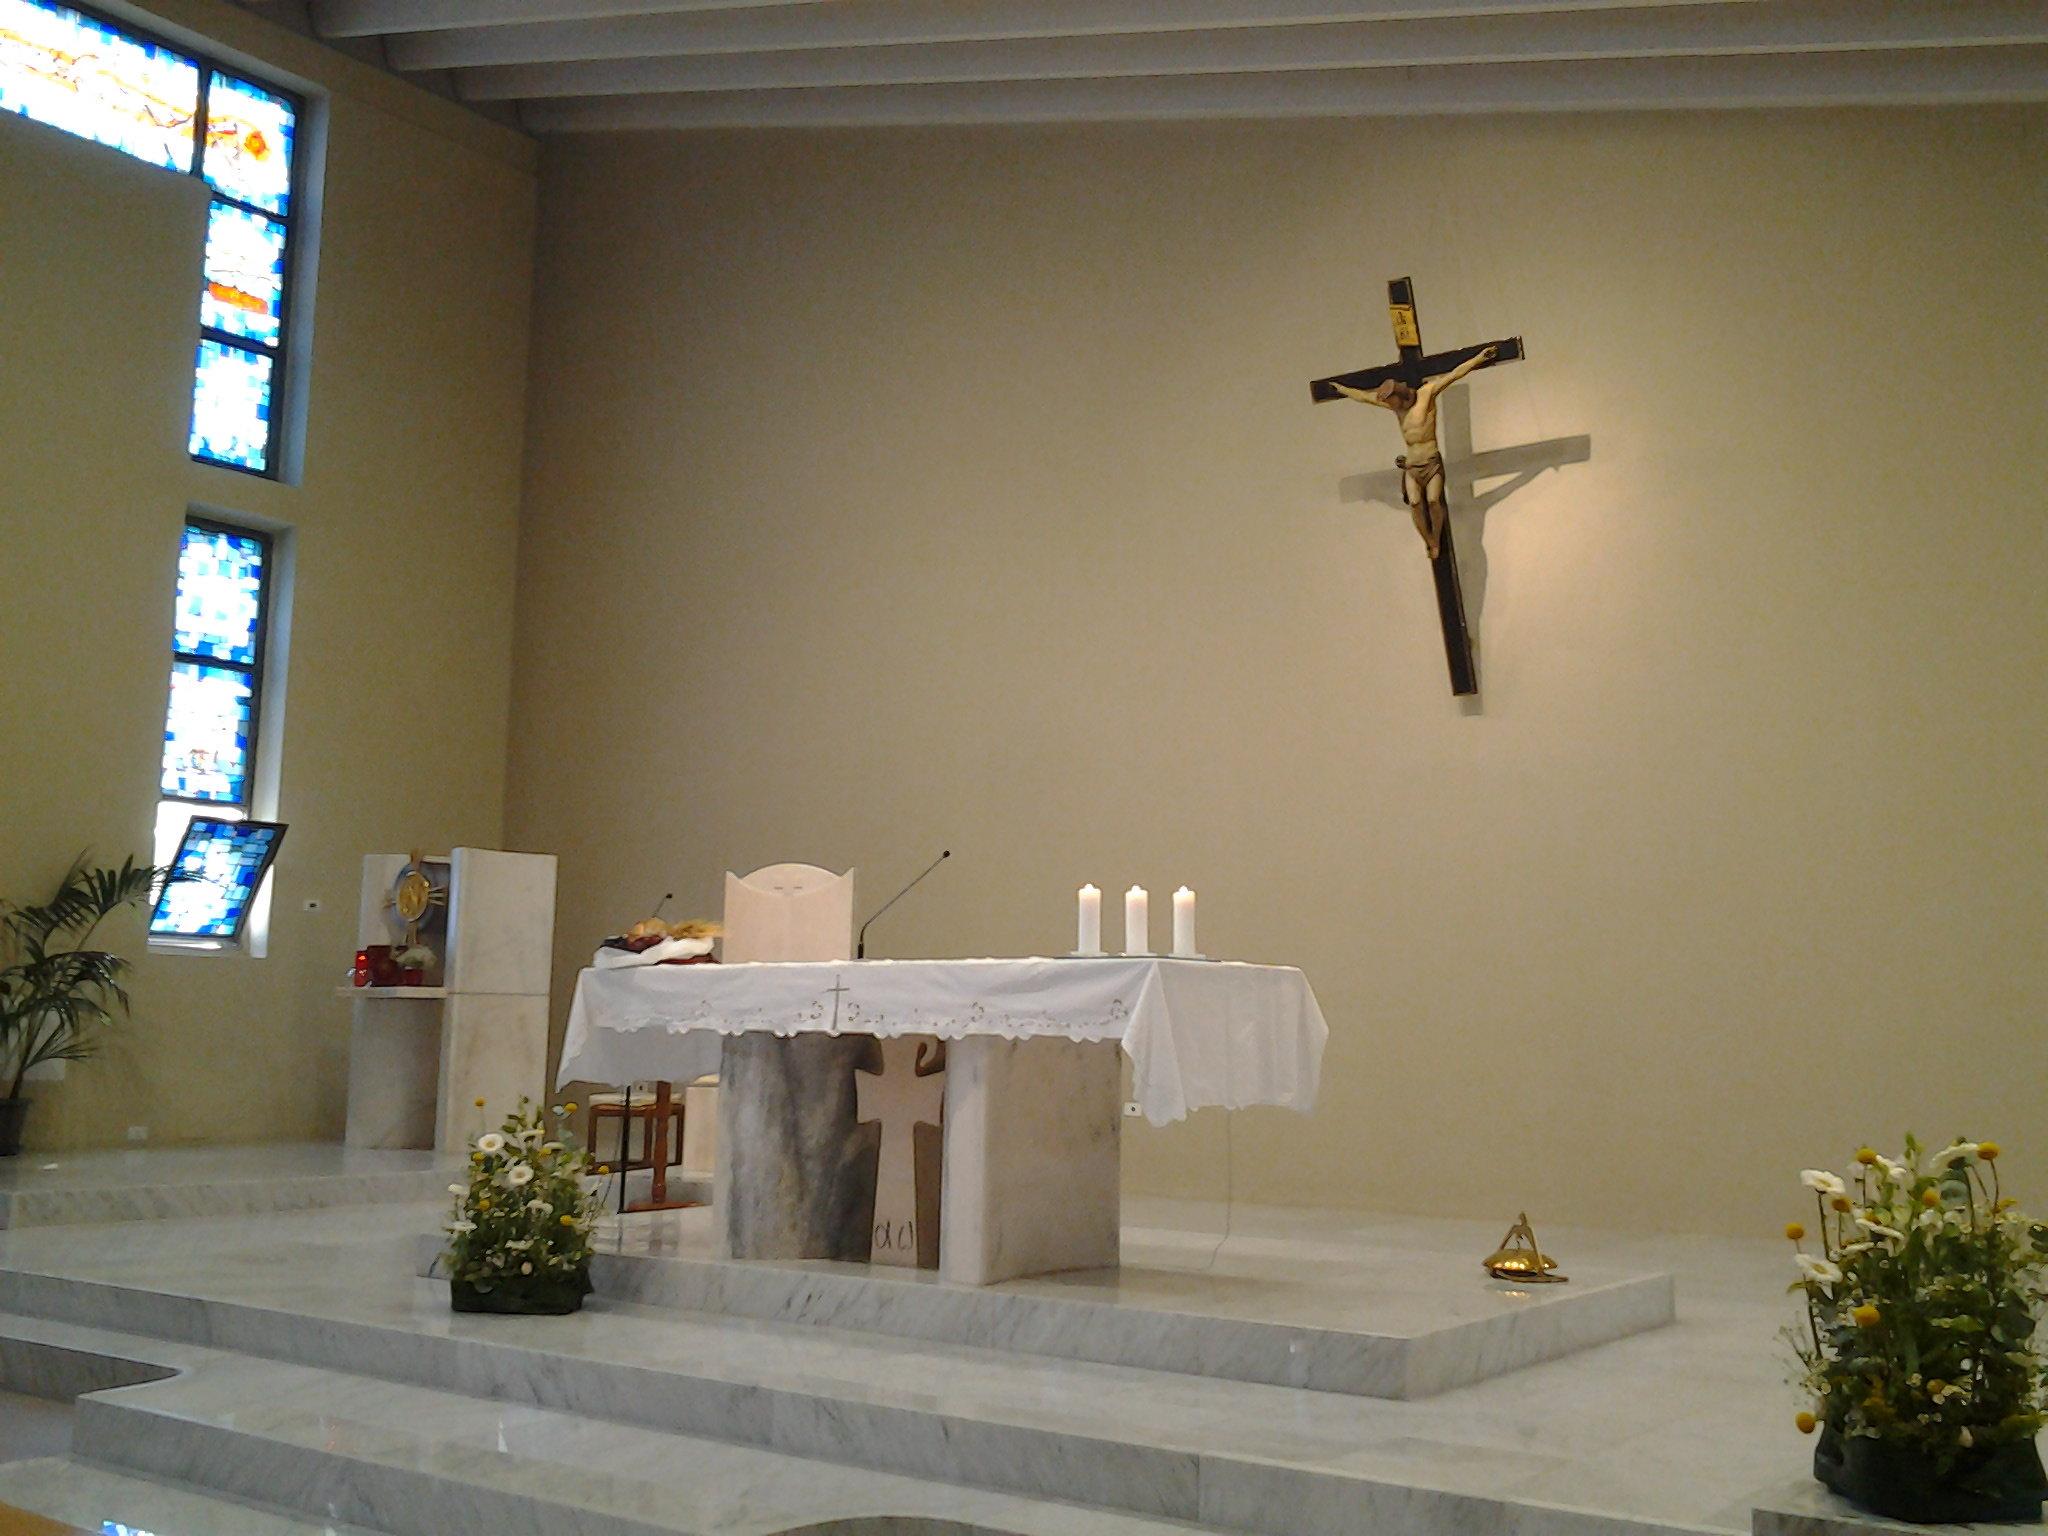 La Parrocchia di San Marziano saluta don Antonio Loi, nominato Parroco a Carpiano